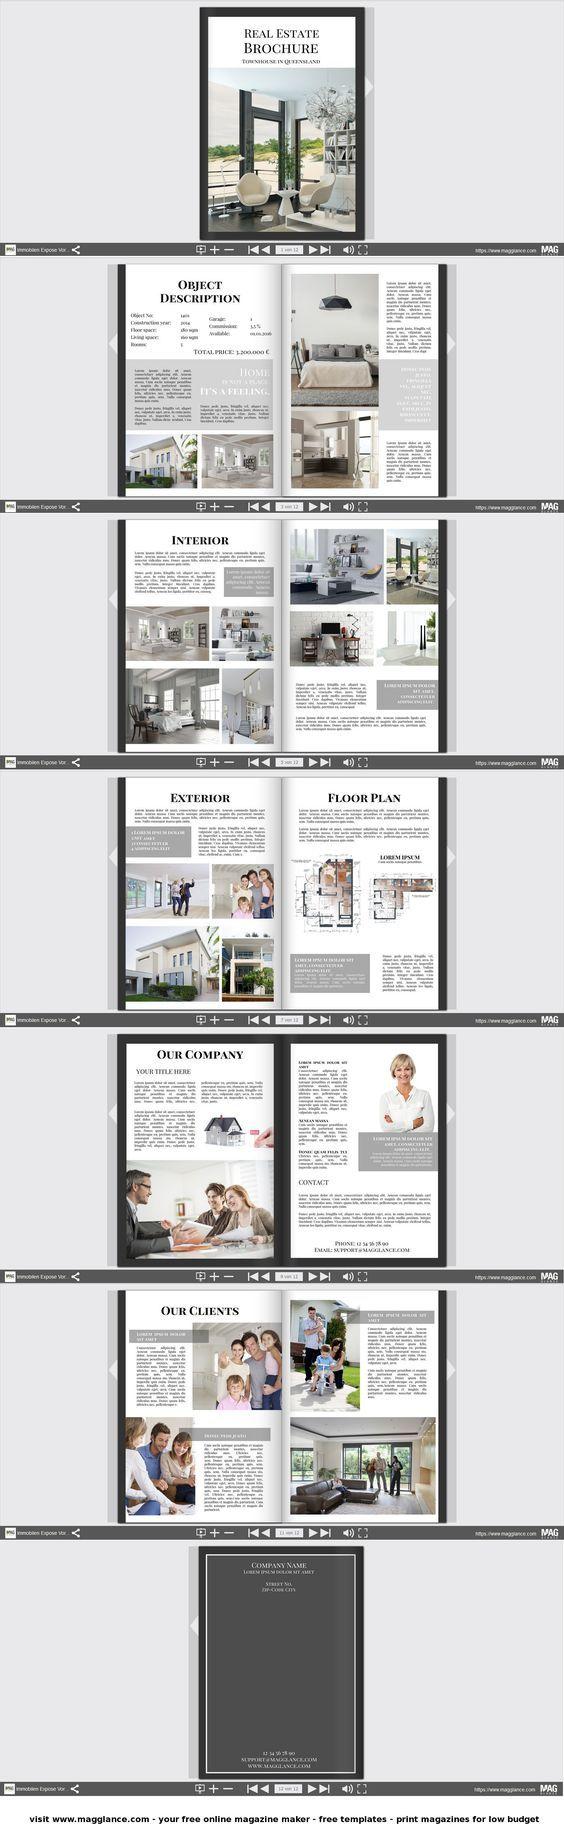 utwórz za darmo opis nieruchomości w wersji online i wydrukuj w atrakcyjnej cenie pod  https://pl.magglance.com/opis/opis-utworz #opis nieruchomości #makler #szablon #design #wzór #przykład #template #edytuj #utwórz #layout